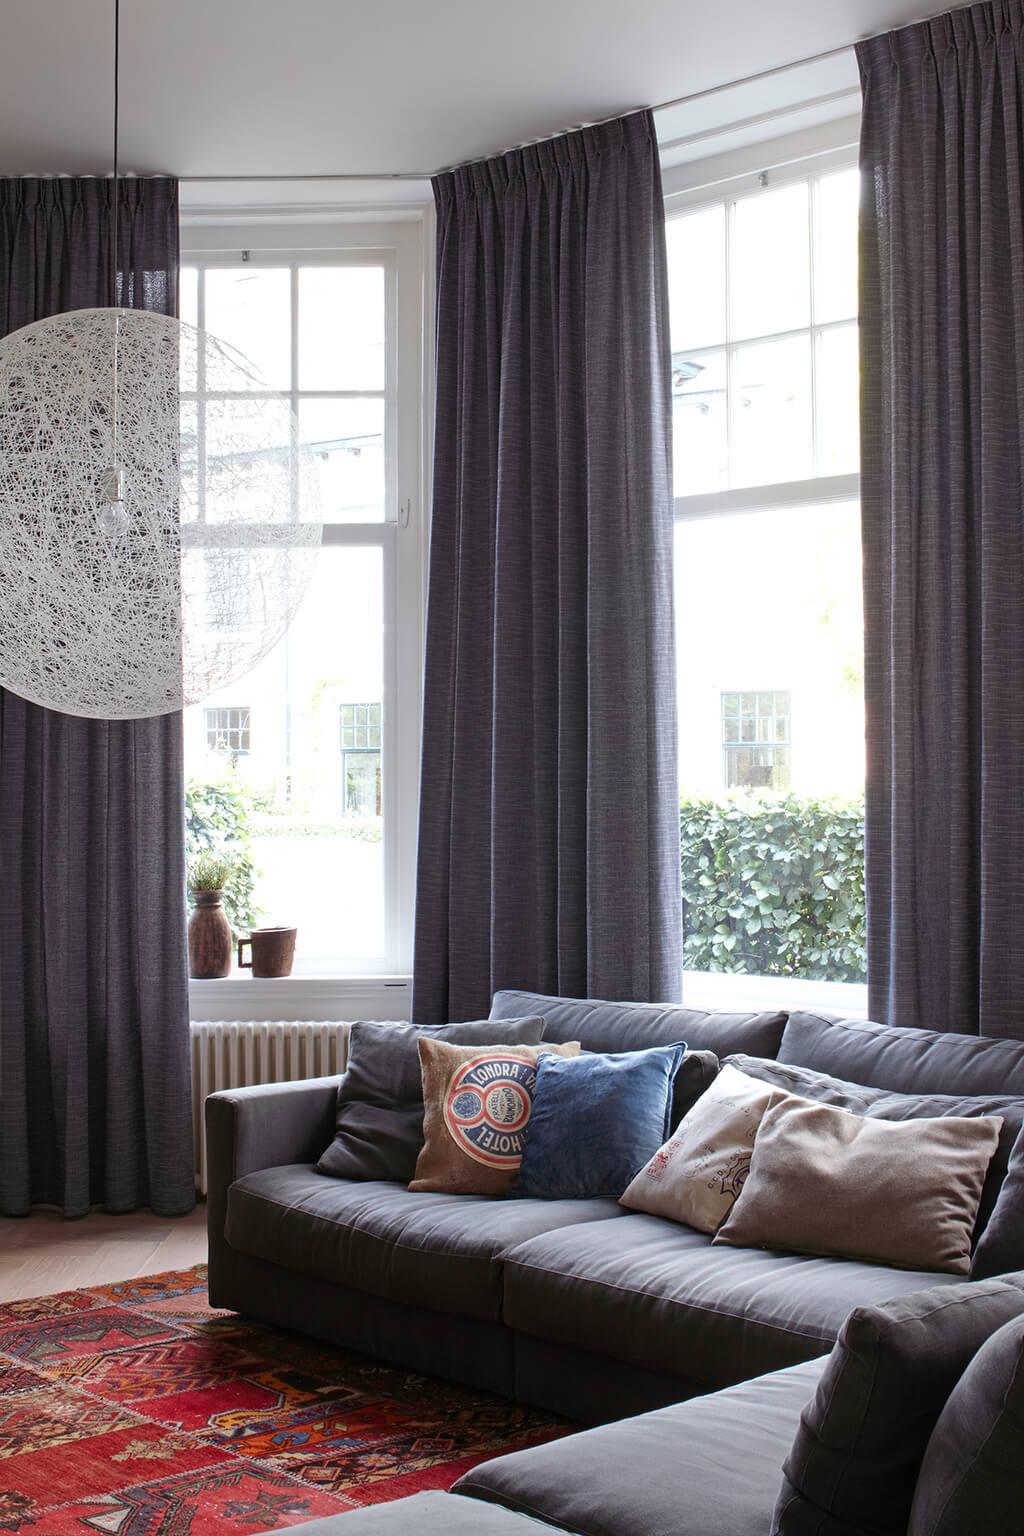 die richtige gardine finde sie bei jaloucity in hannover. Black Bedroom Furniture Sets. Home Design Ideas